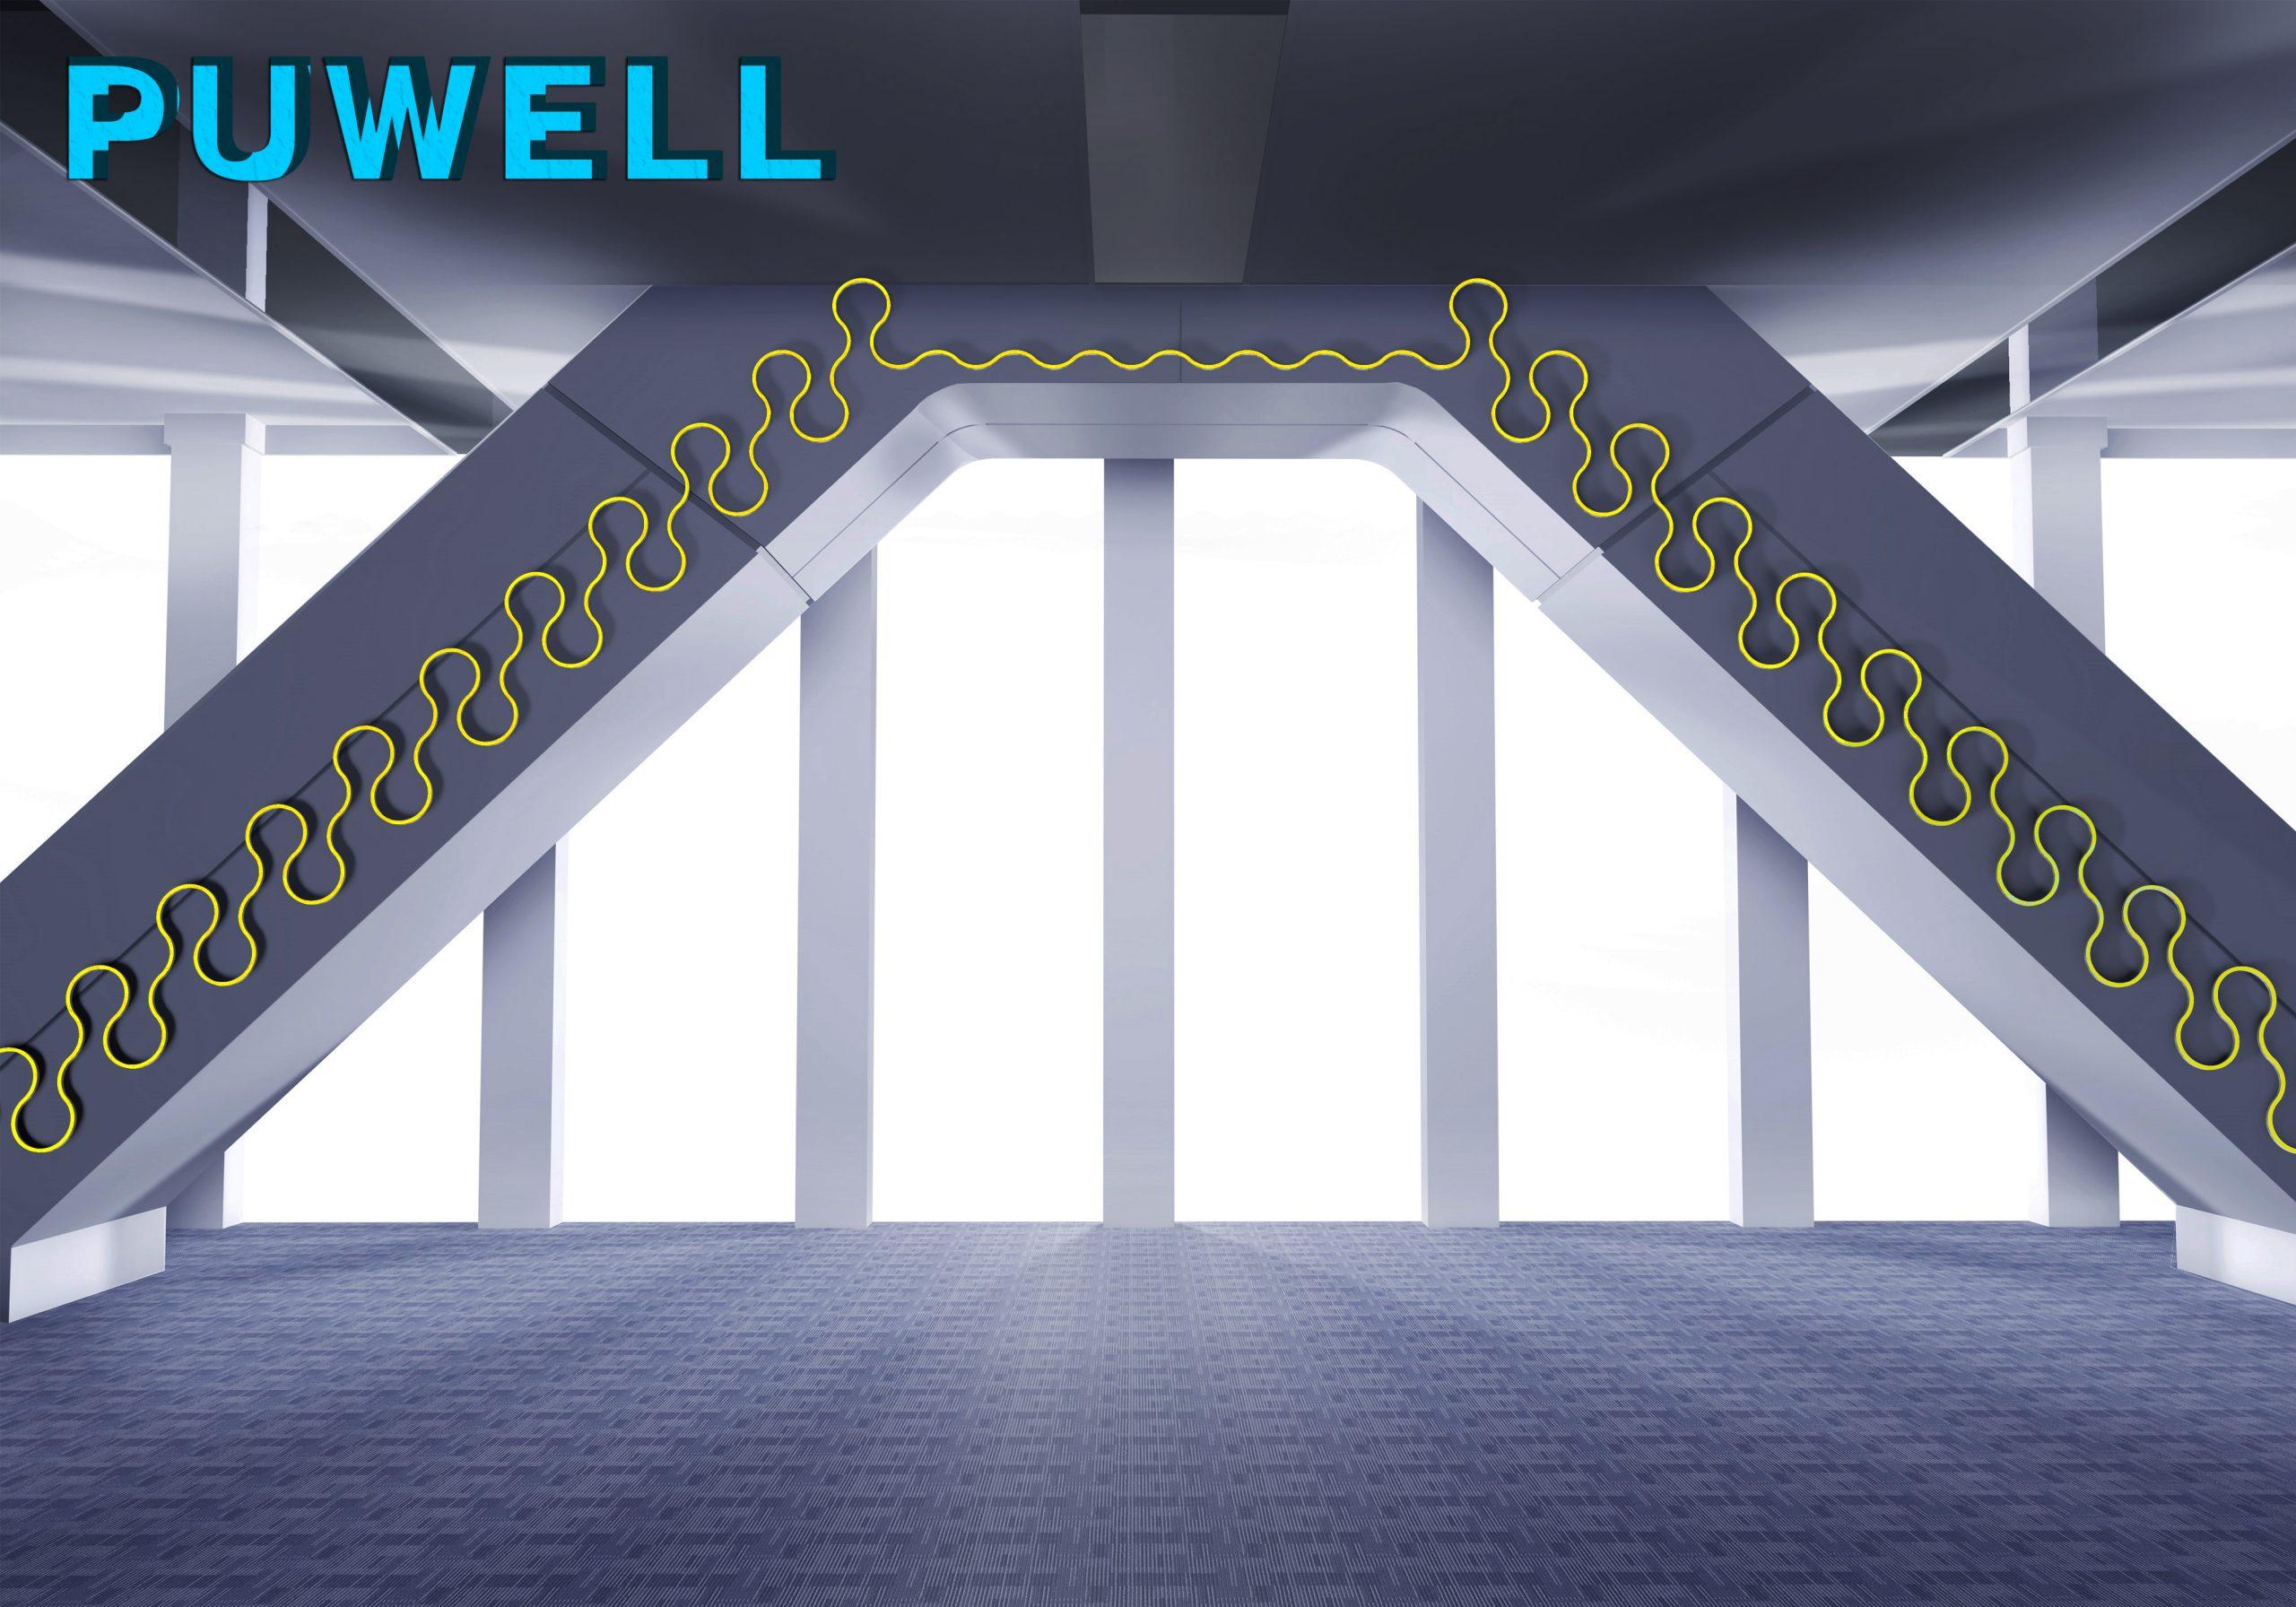 线条灯安装,弧形线条灯,LED定制线条灯,弧形轮廓灯